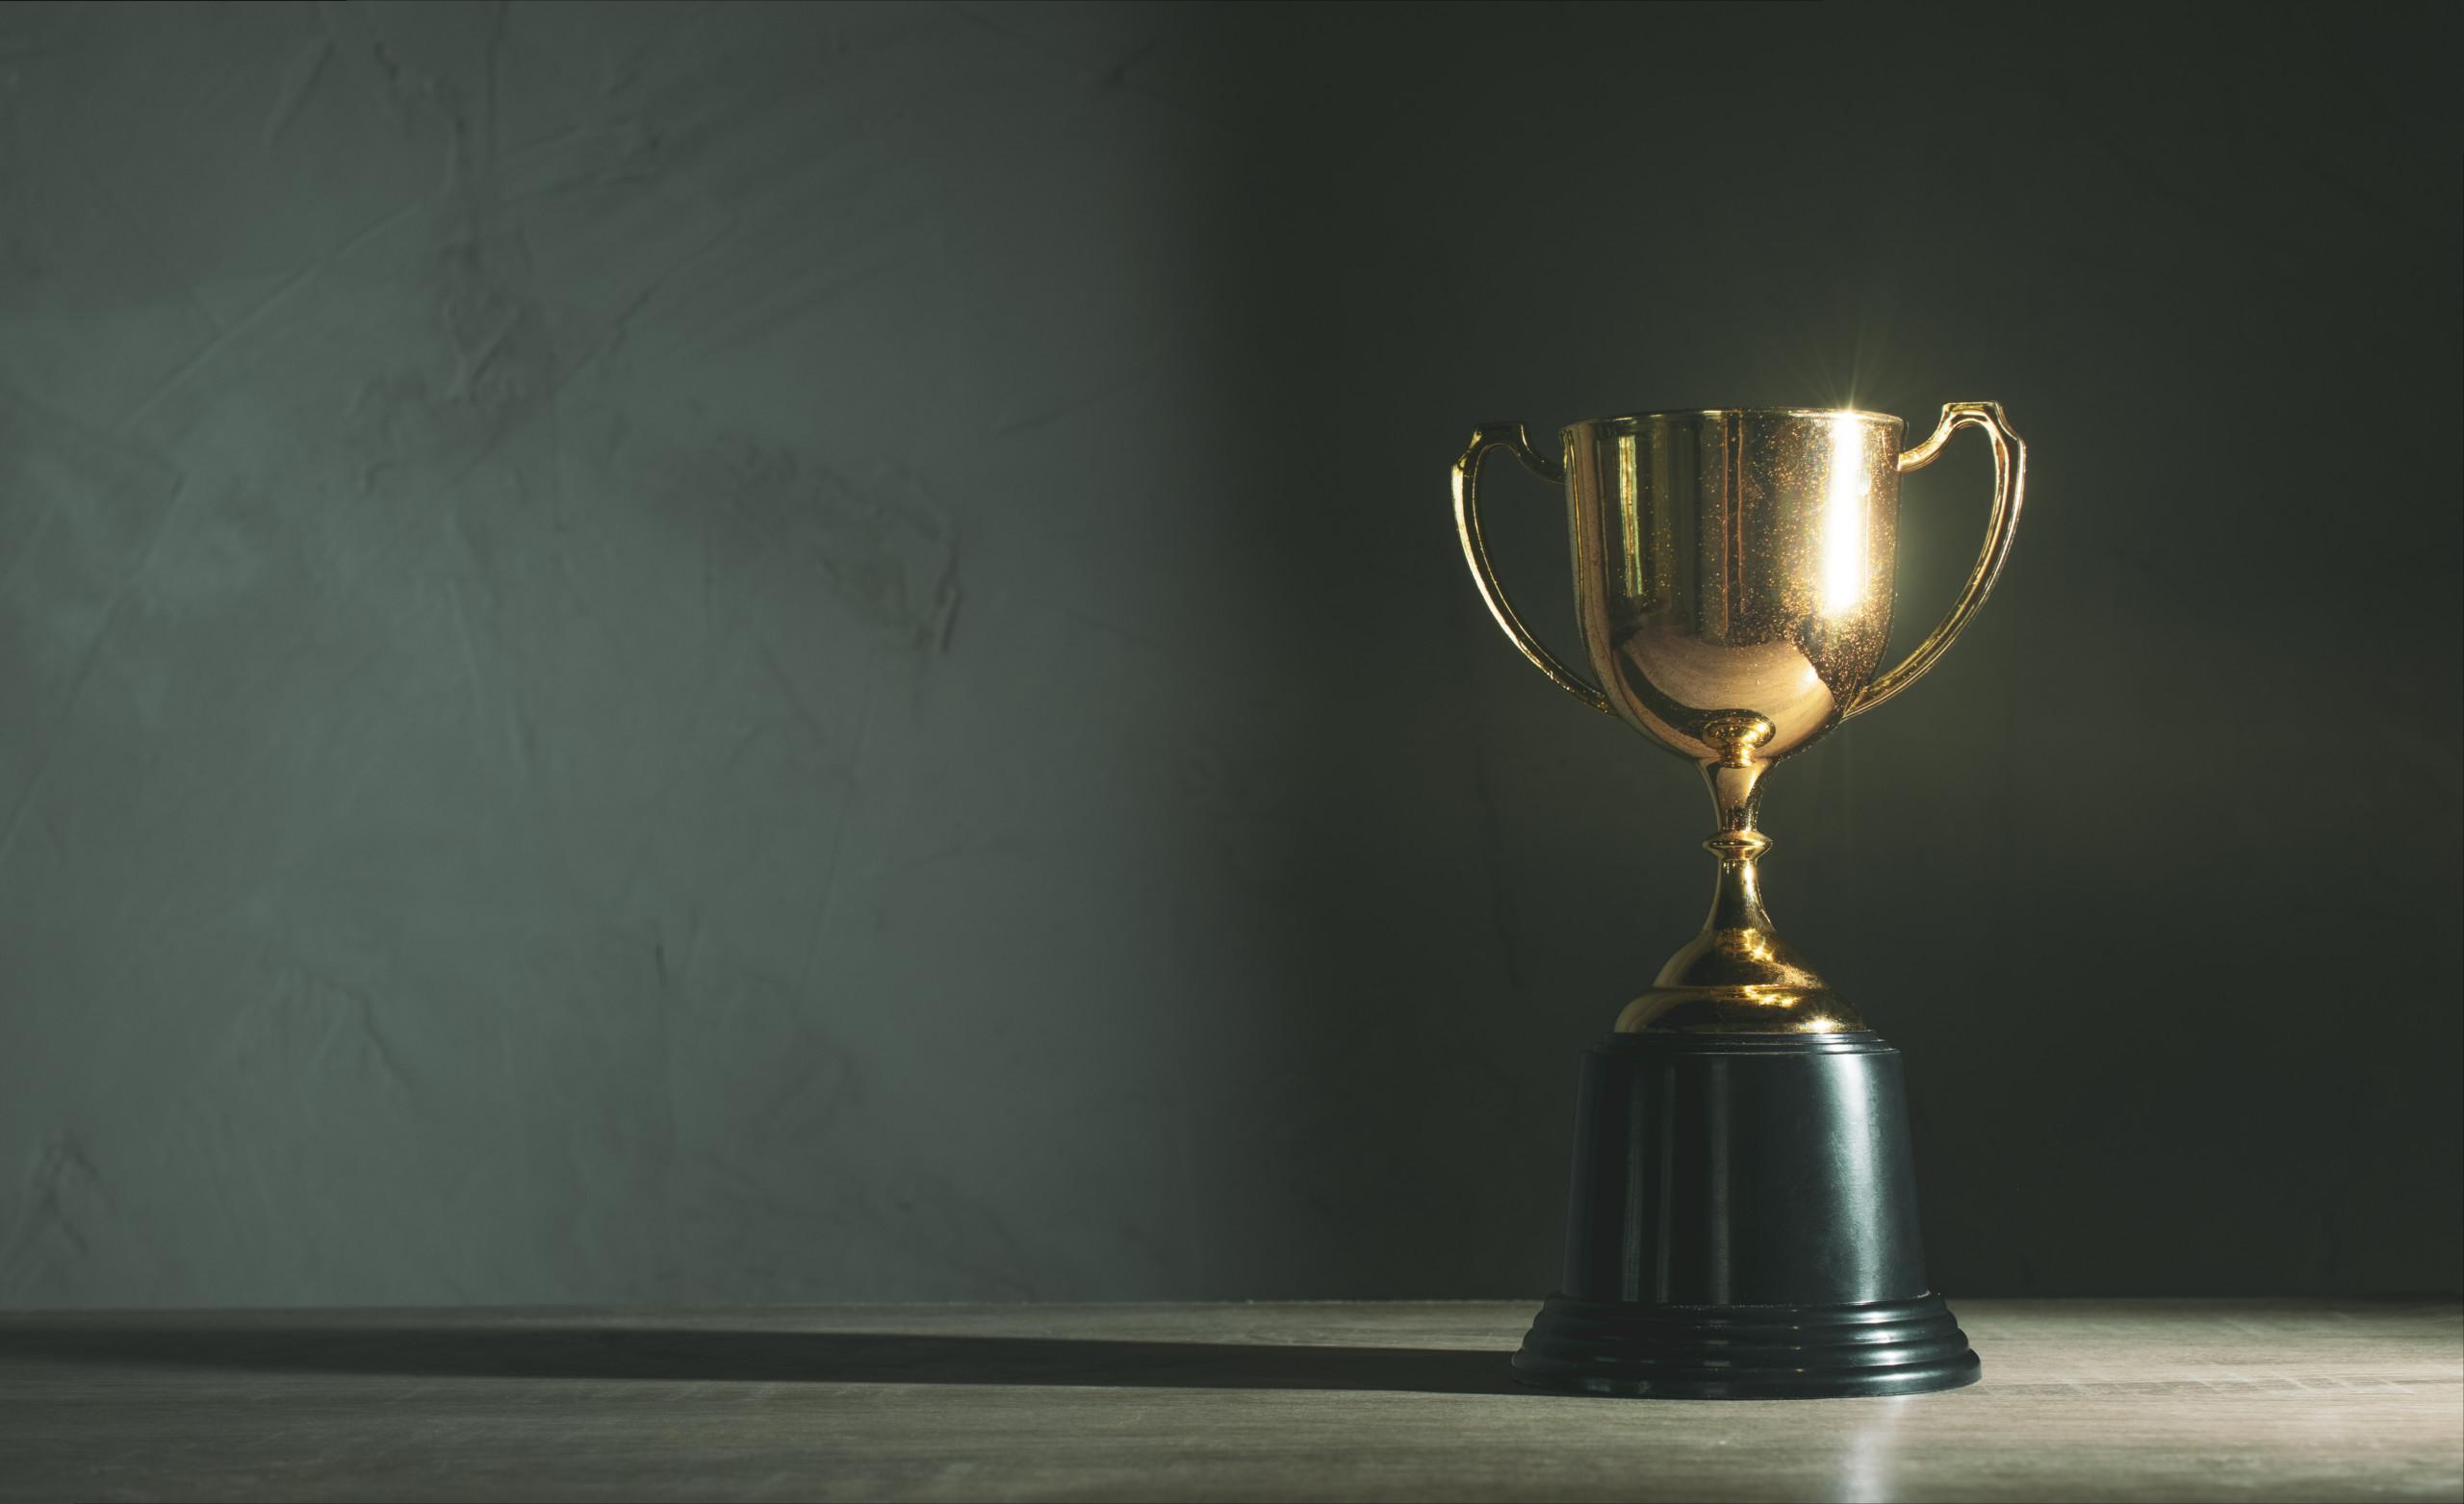 10 Hidden Champions: Hochprofitabel, aber kaum bekannt